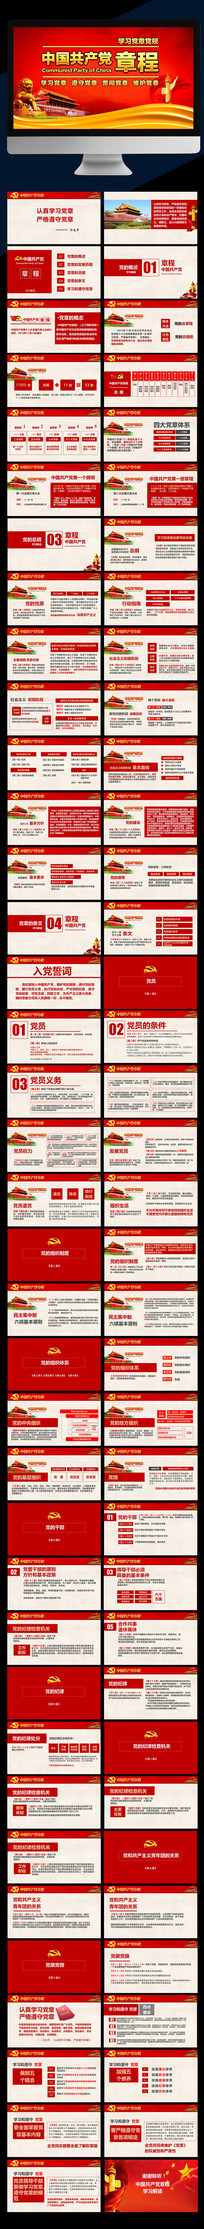 中国共产党章程PPT模板